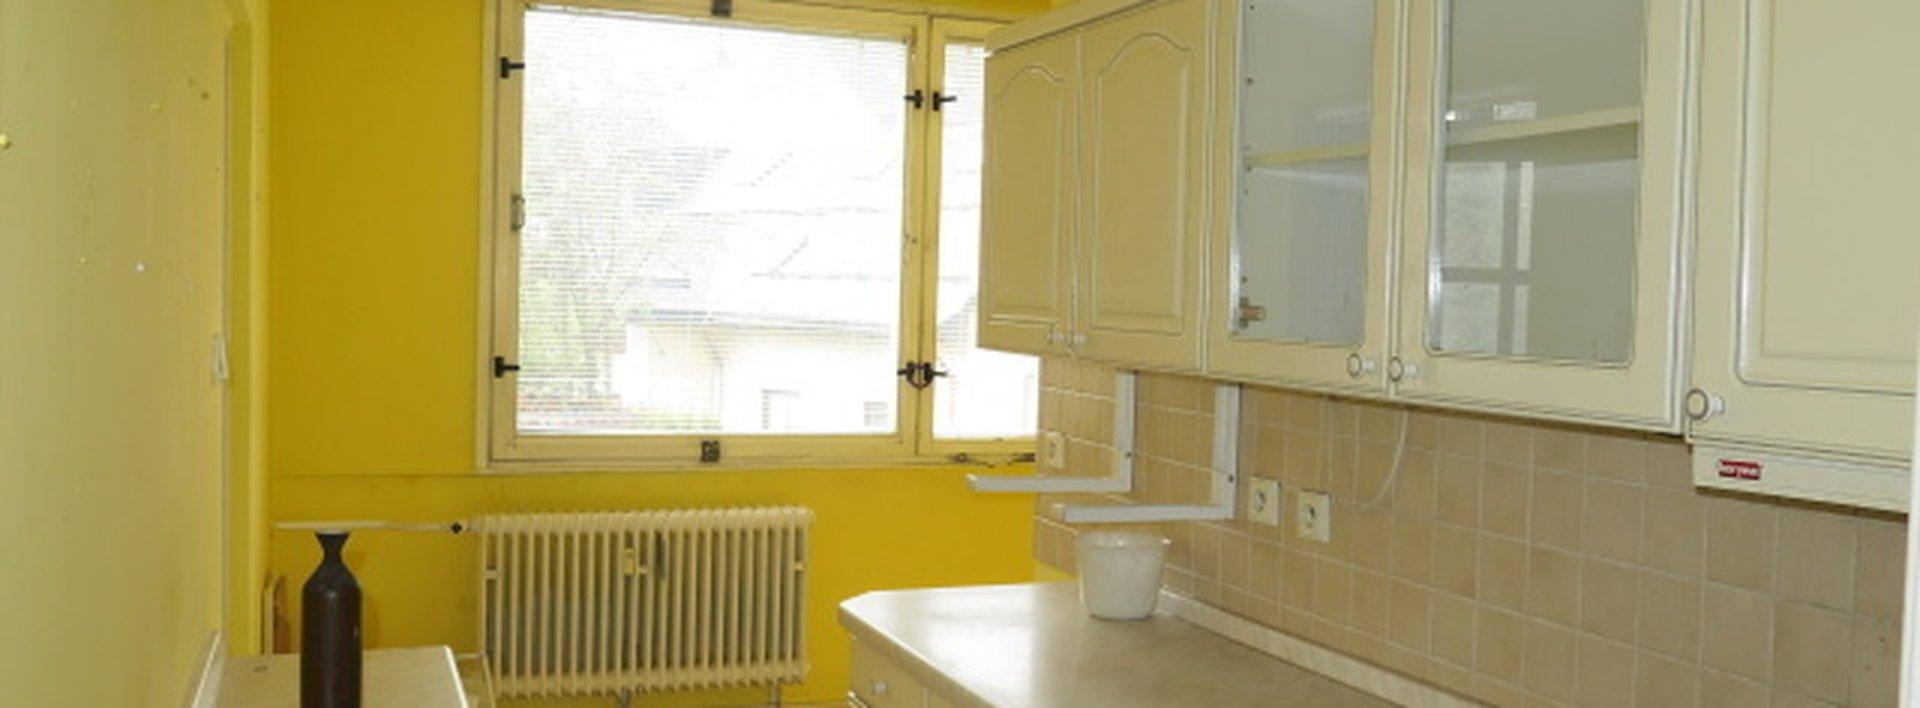 Útulný byt 4+1 v žádané lokalitě, Ev.č.: N46605